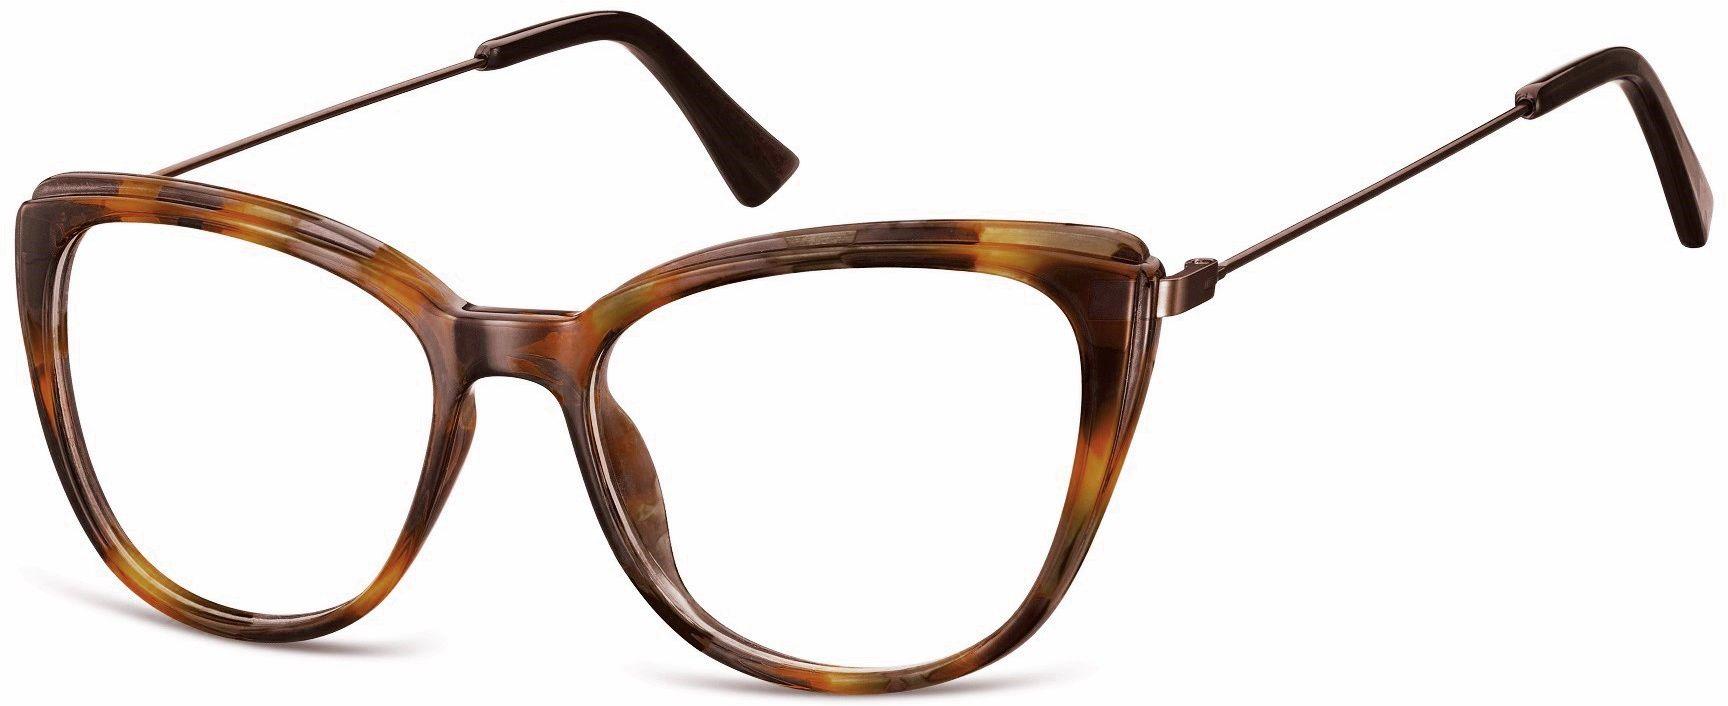 Oprawki korekcyjne okulary Kocie Oczy zerówki damskie CP121E ciemny szylkret